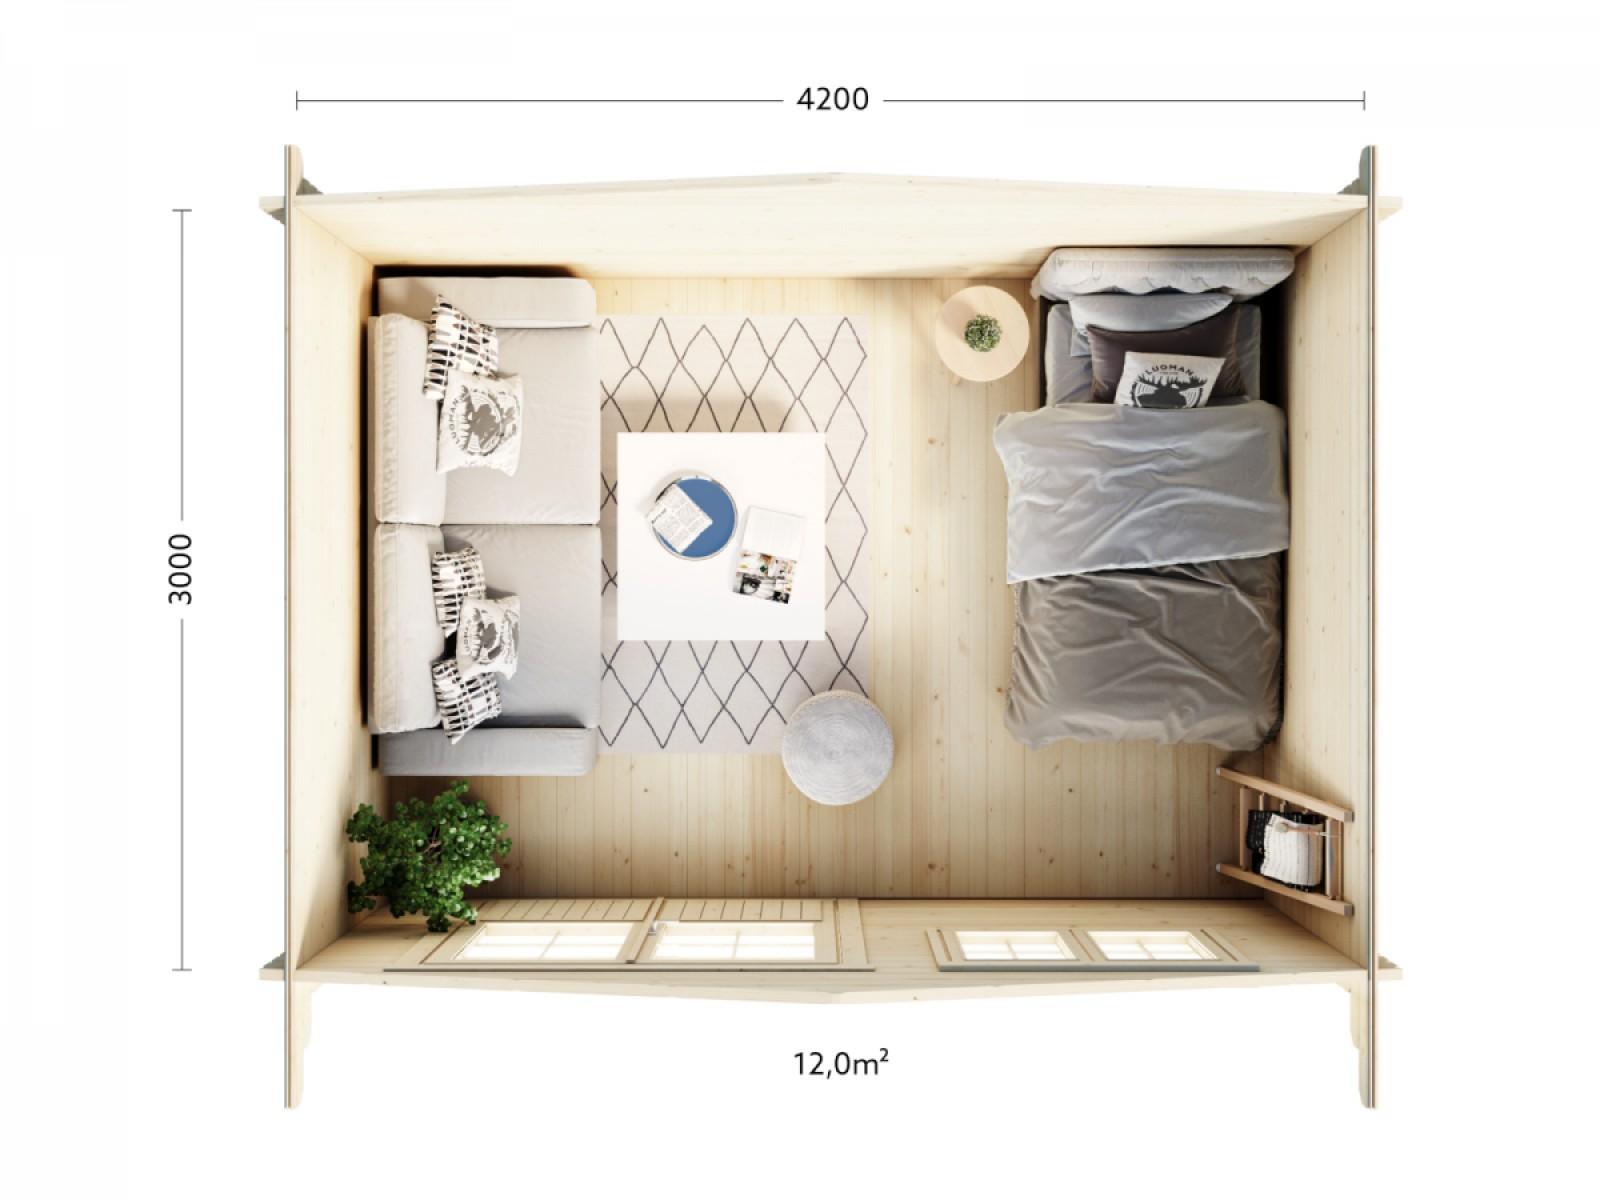 1624967830_Lillevilla 124D Floor Plan.jpg